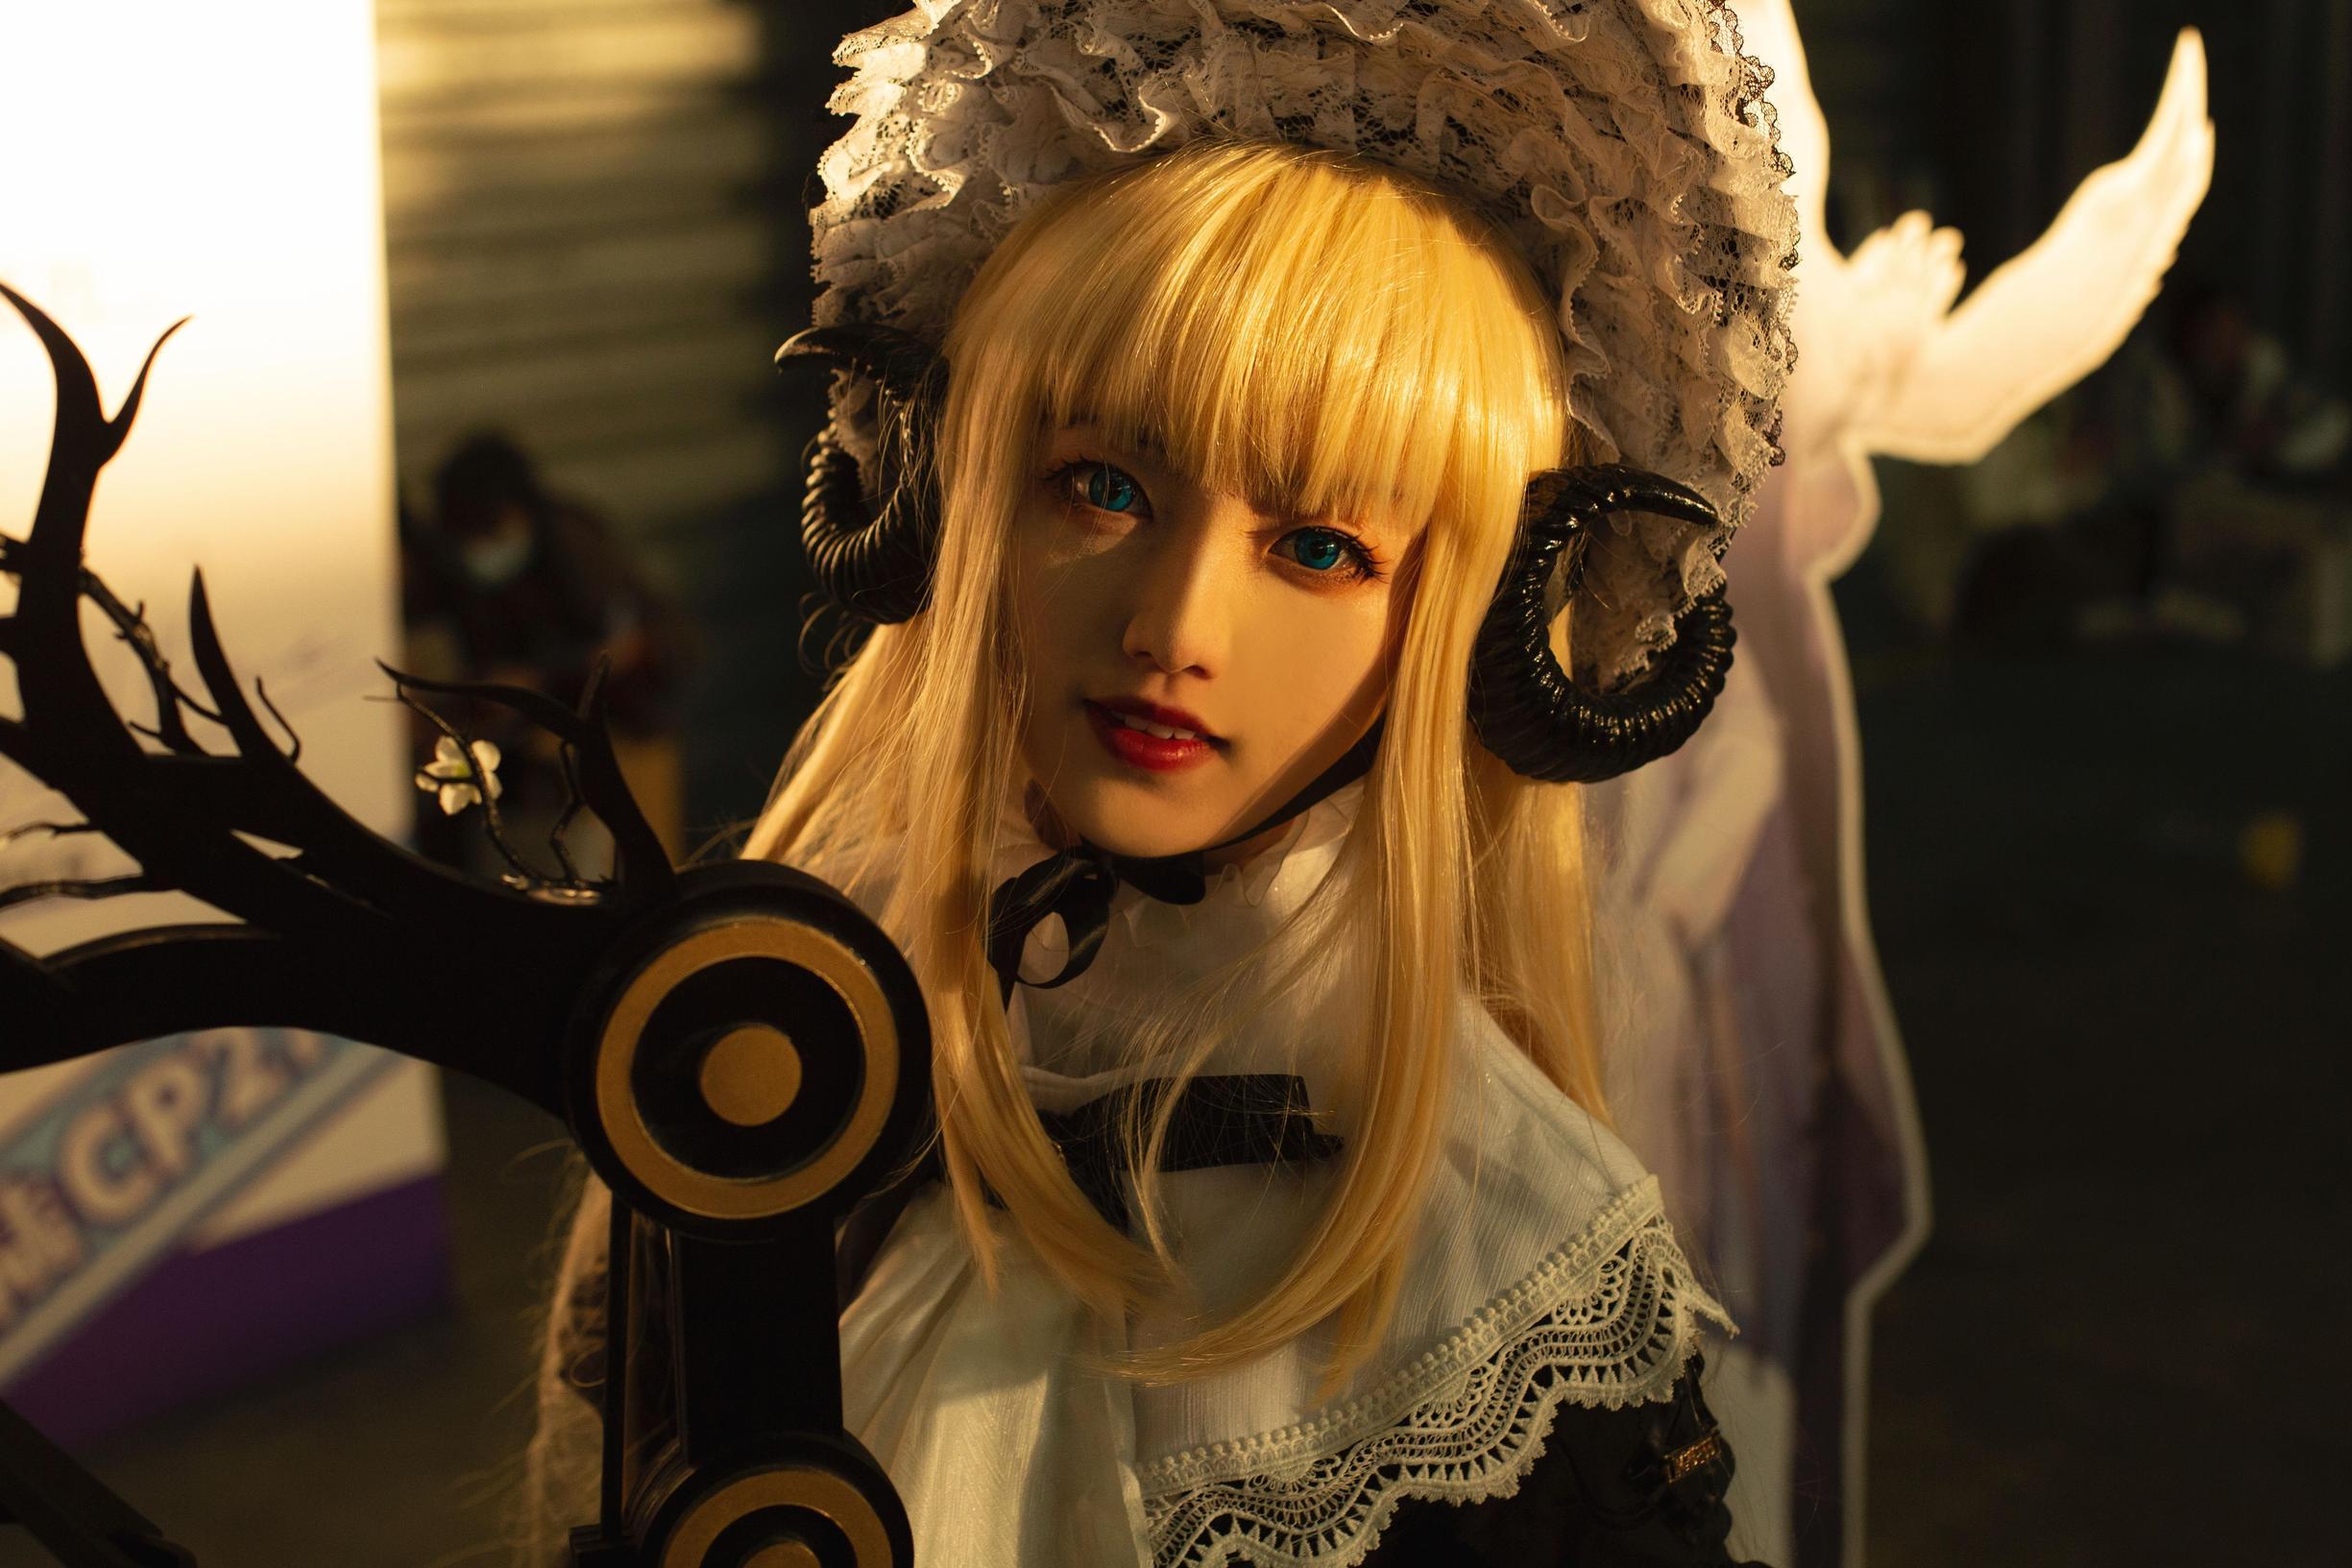 《明日方舟》漫展cosplay【CN:先早】-第1张